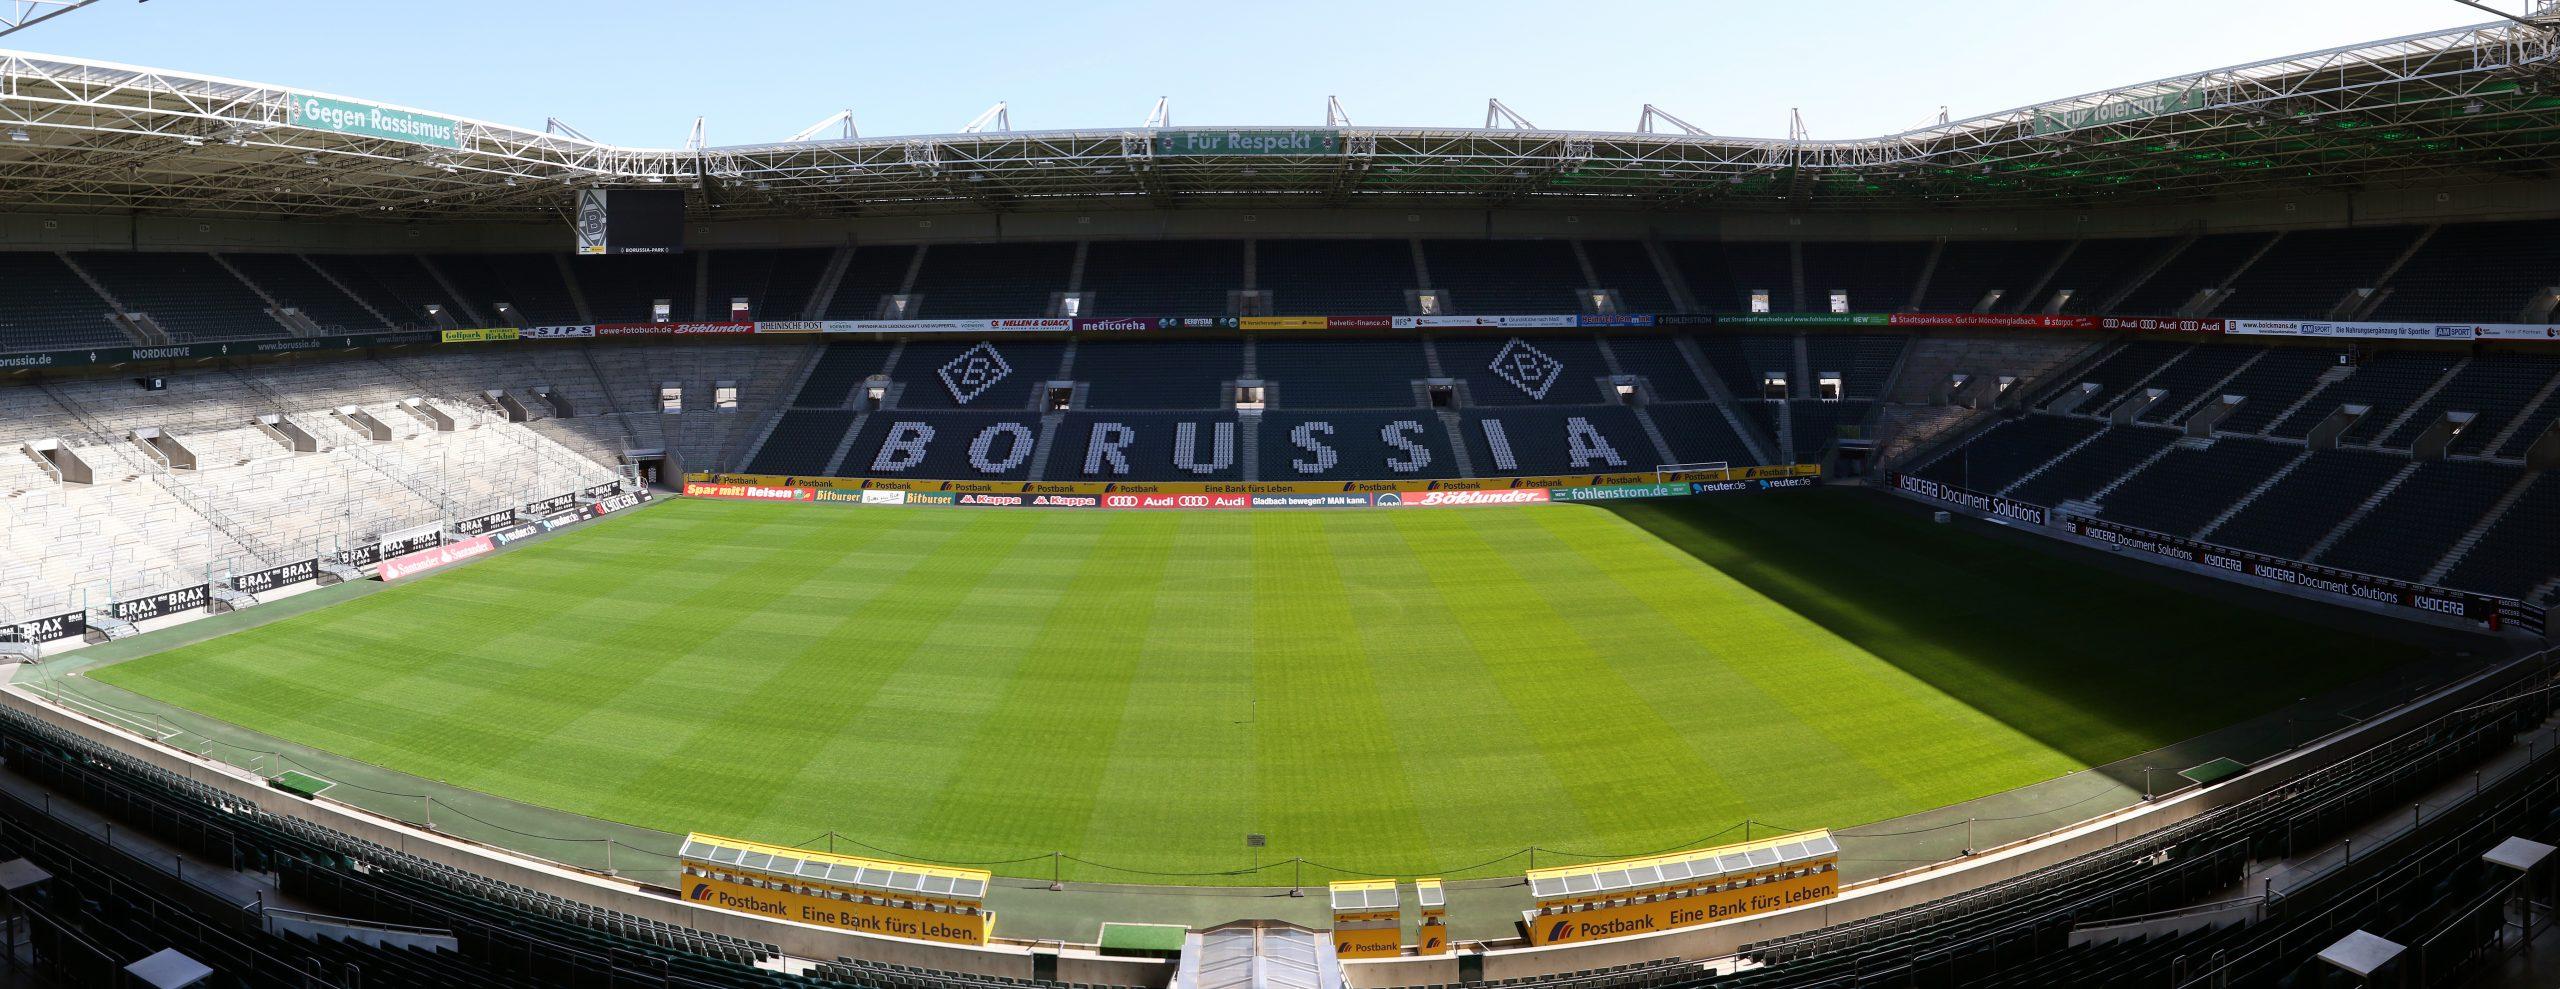 Gladbach se esfuerza por conseguir 18.000 aficionados en directo para abrir la Bundesliga 2020/21, Mainz también anuncia el concepto